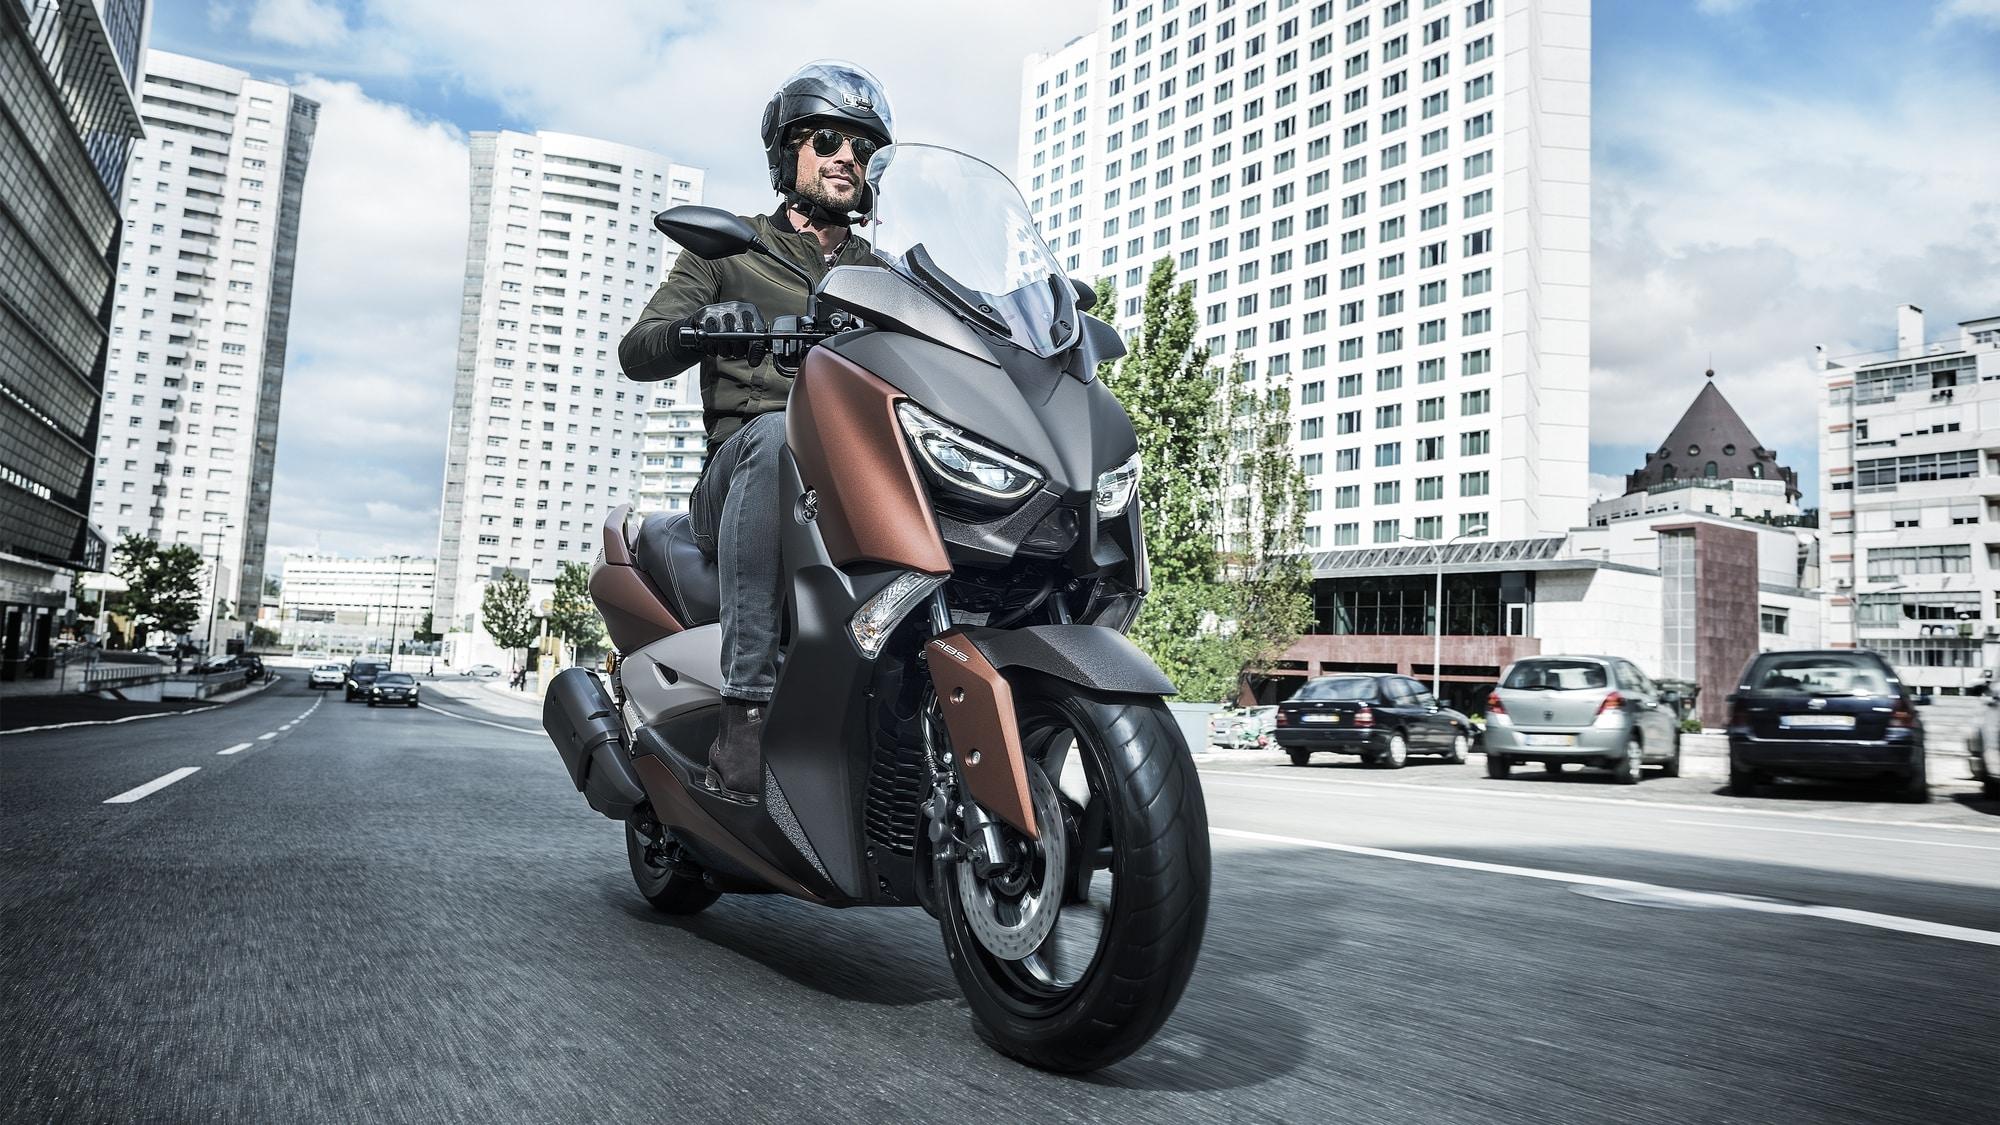 Así es el nuevo Yamaha X-Max 300 que llegará en primavera: Éxito asegurado